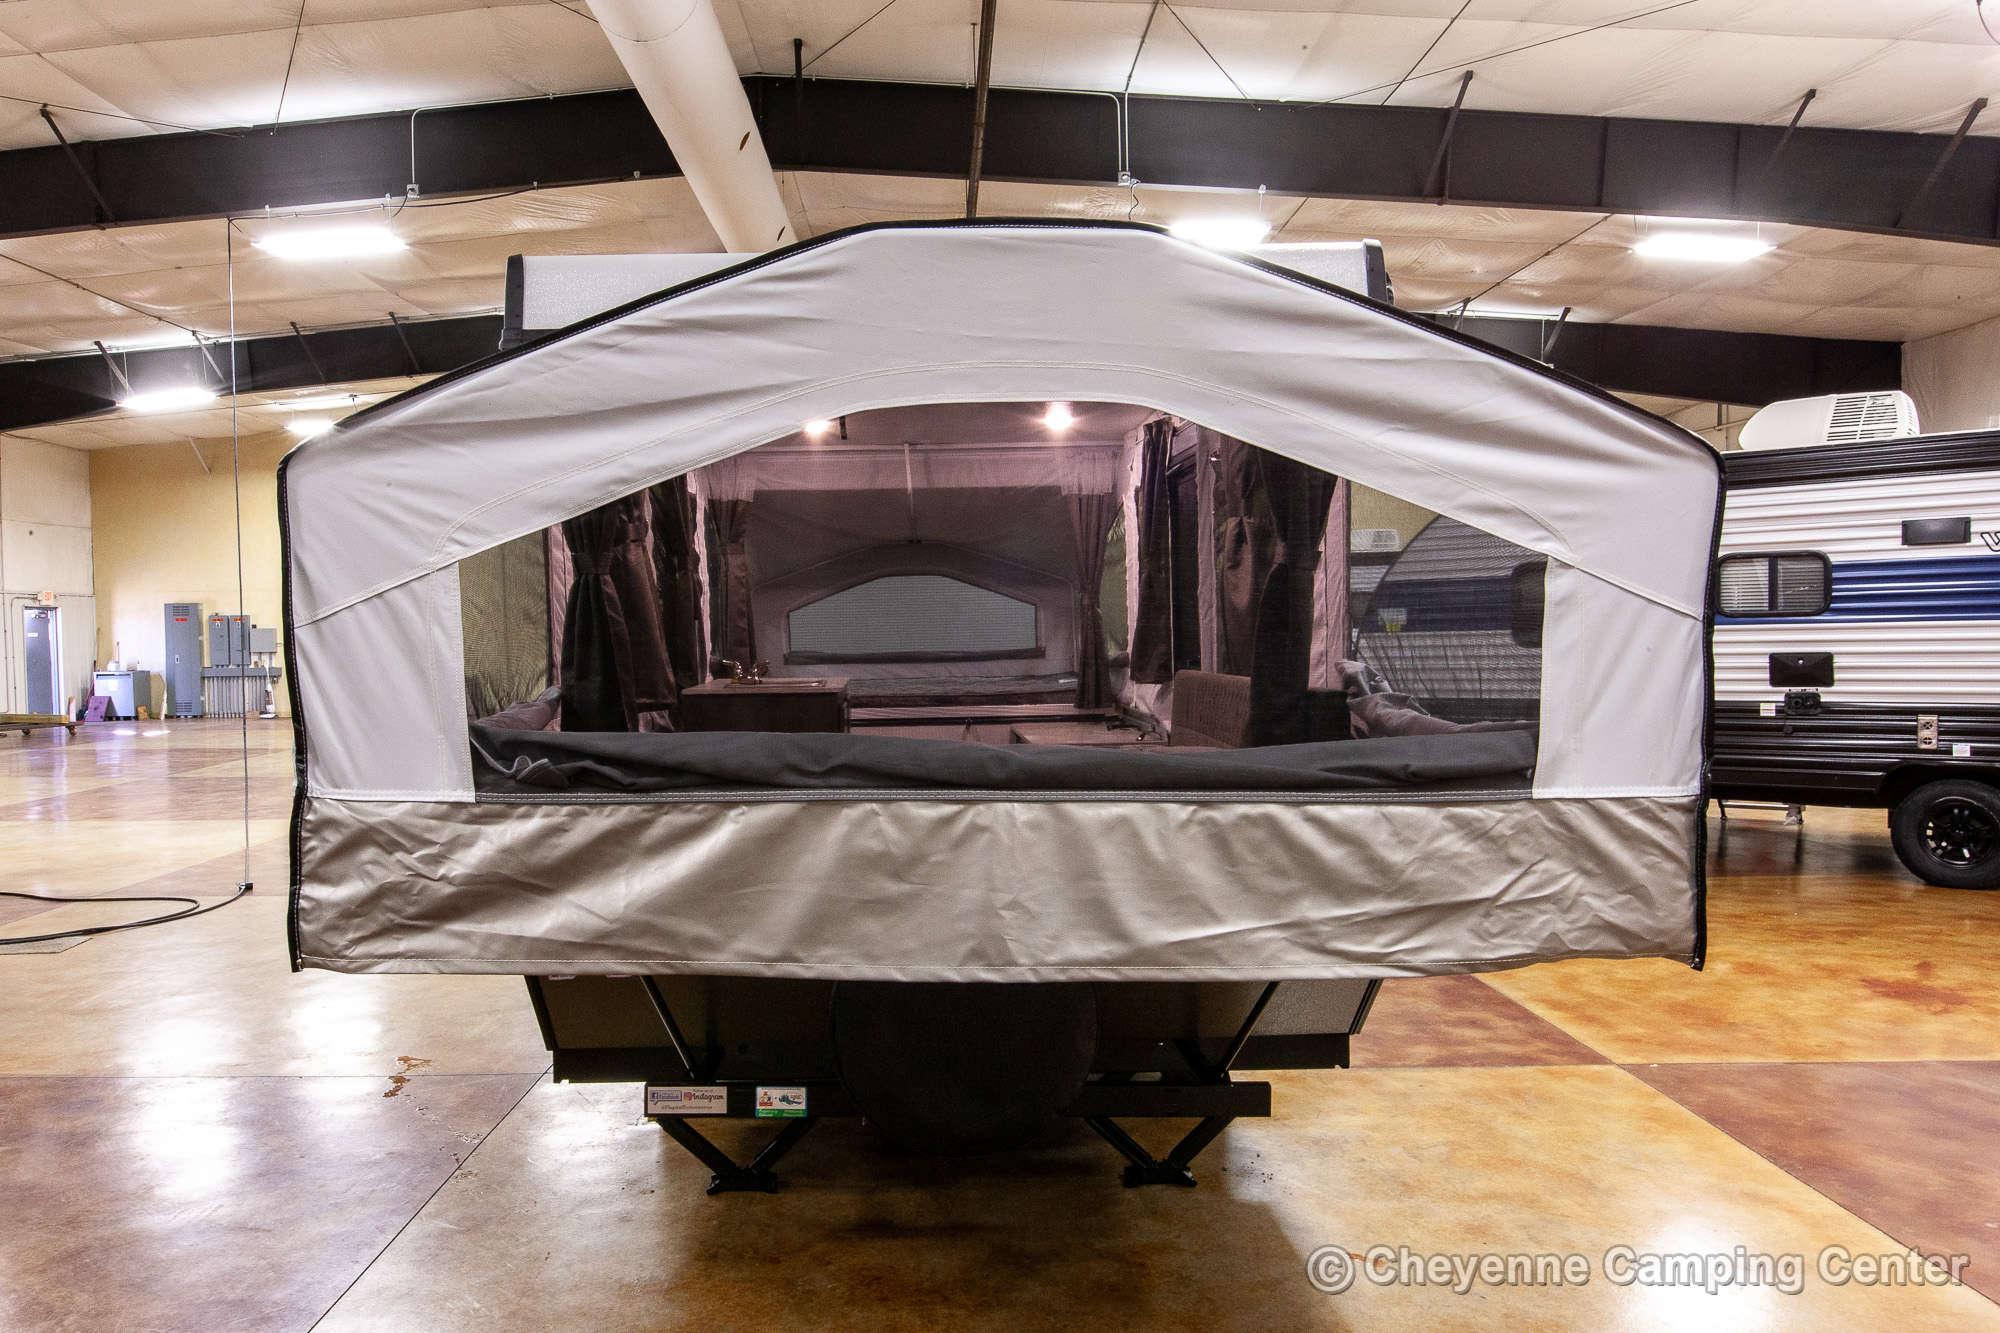 2021 Forest River Flagstaff LTD 228LTD Folding Camper Exterior Image